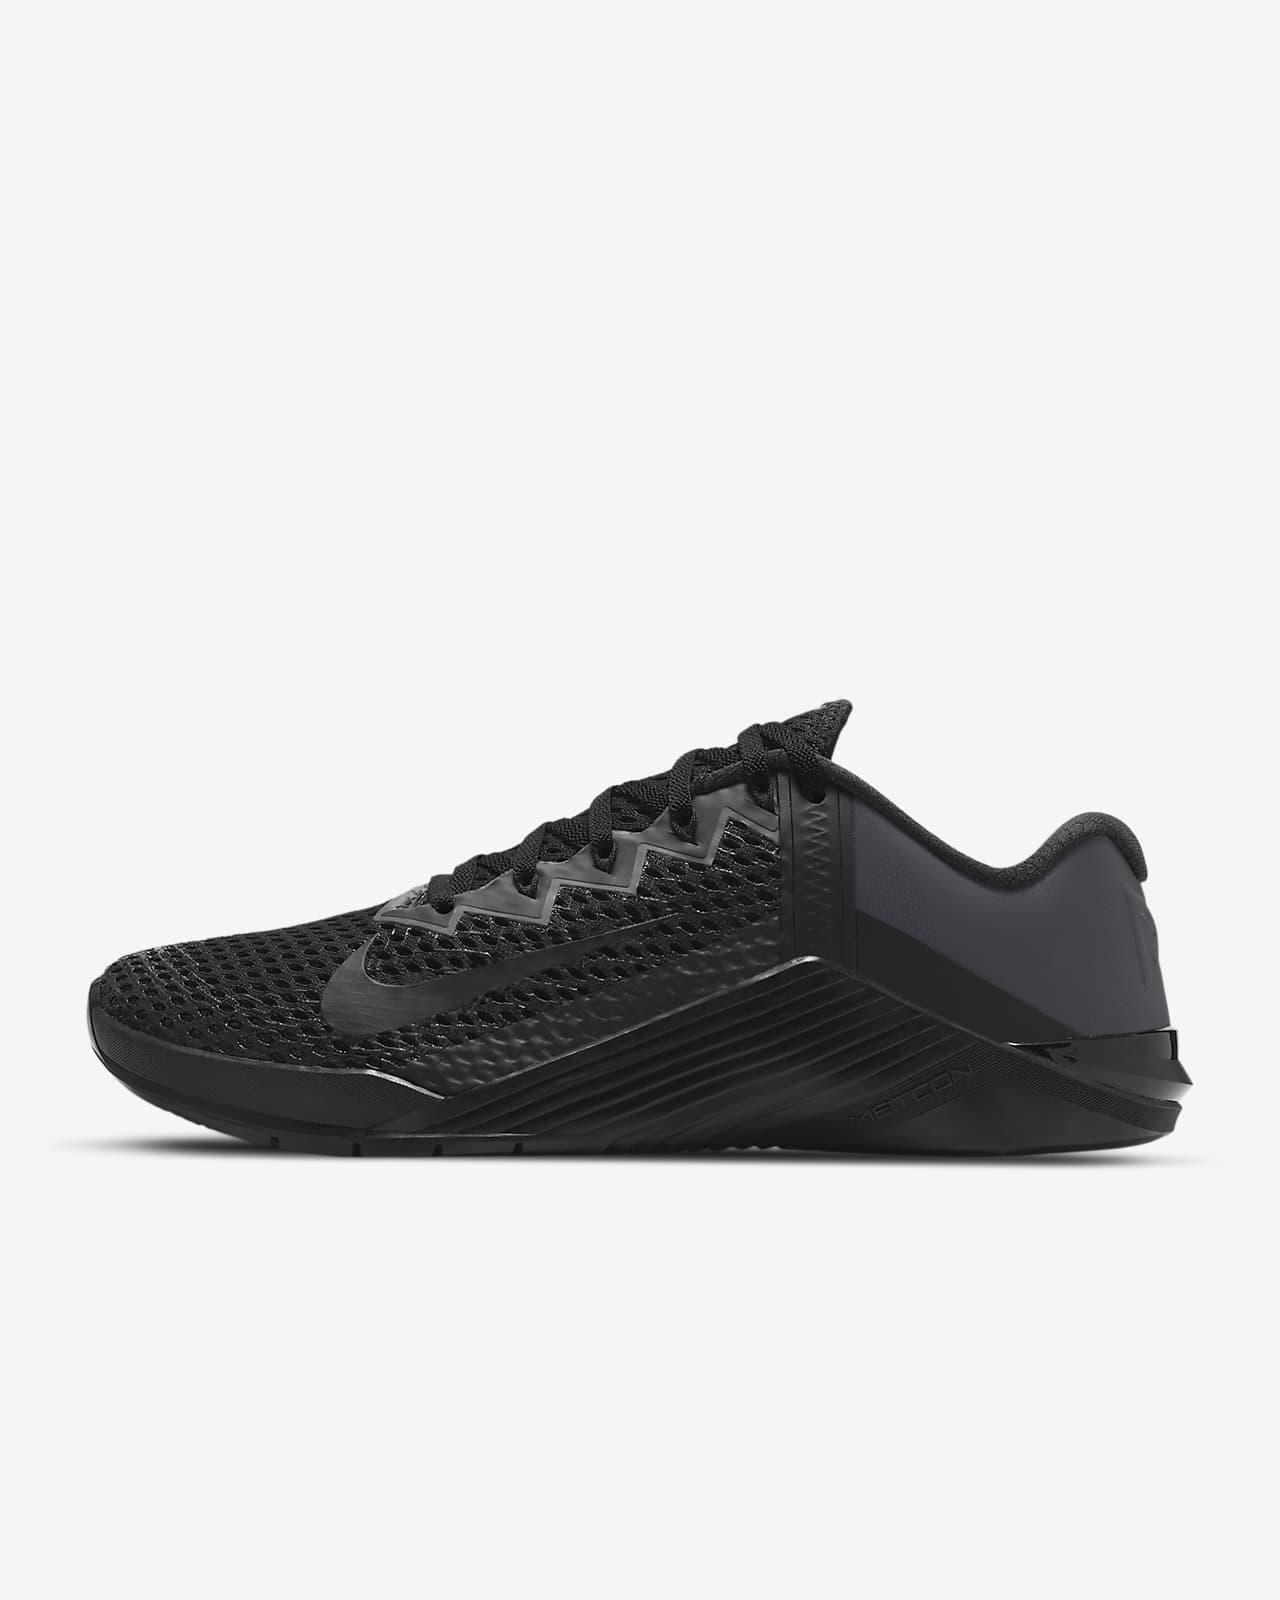 Ανδρικό παπούτσι προπόνησης Nike Metcon 6